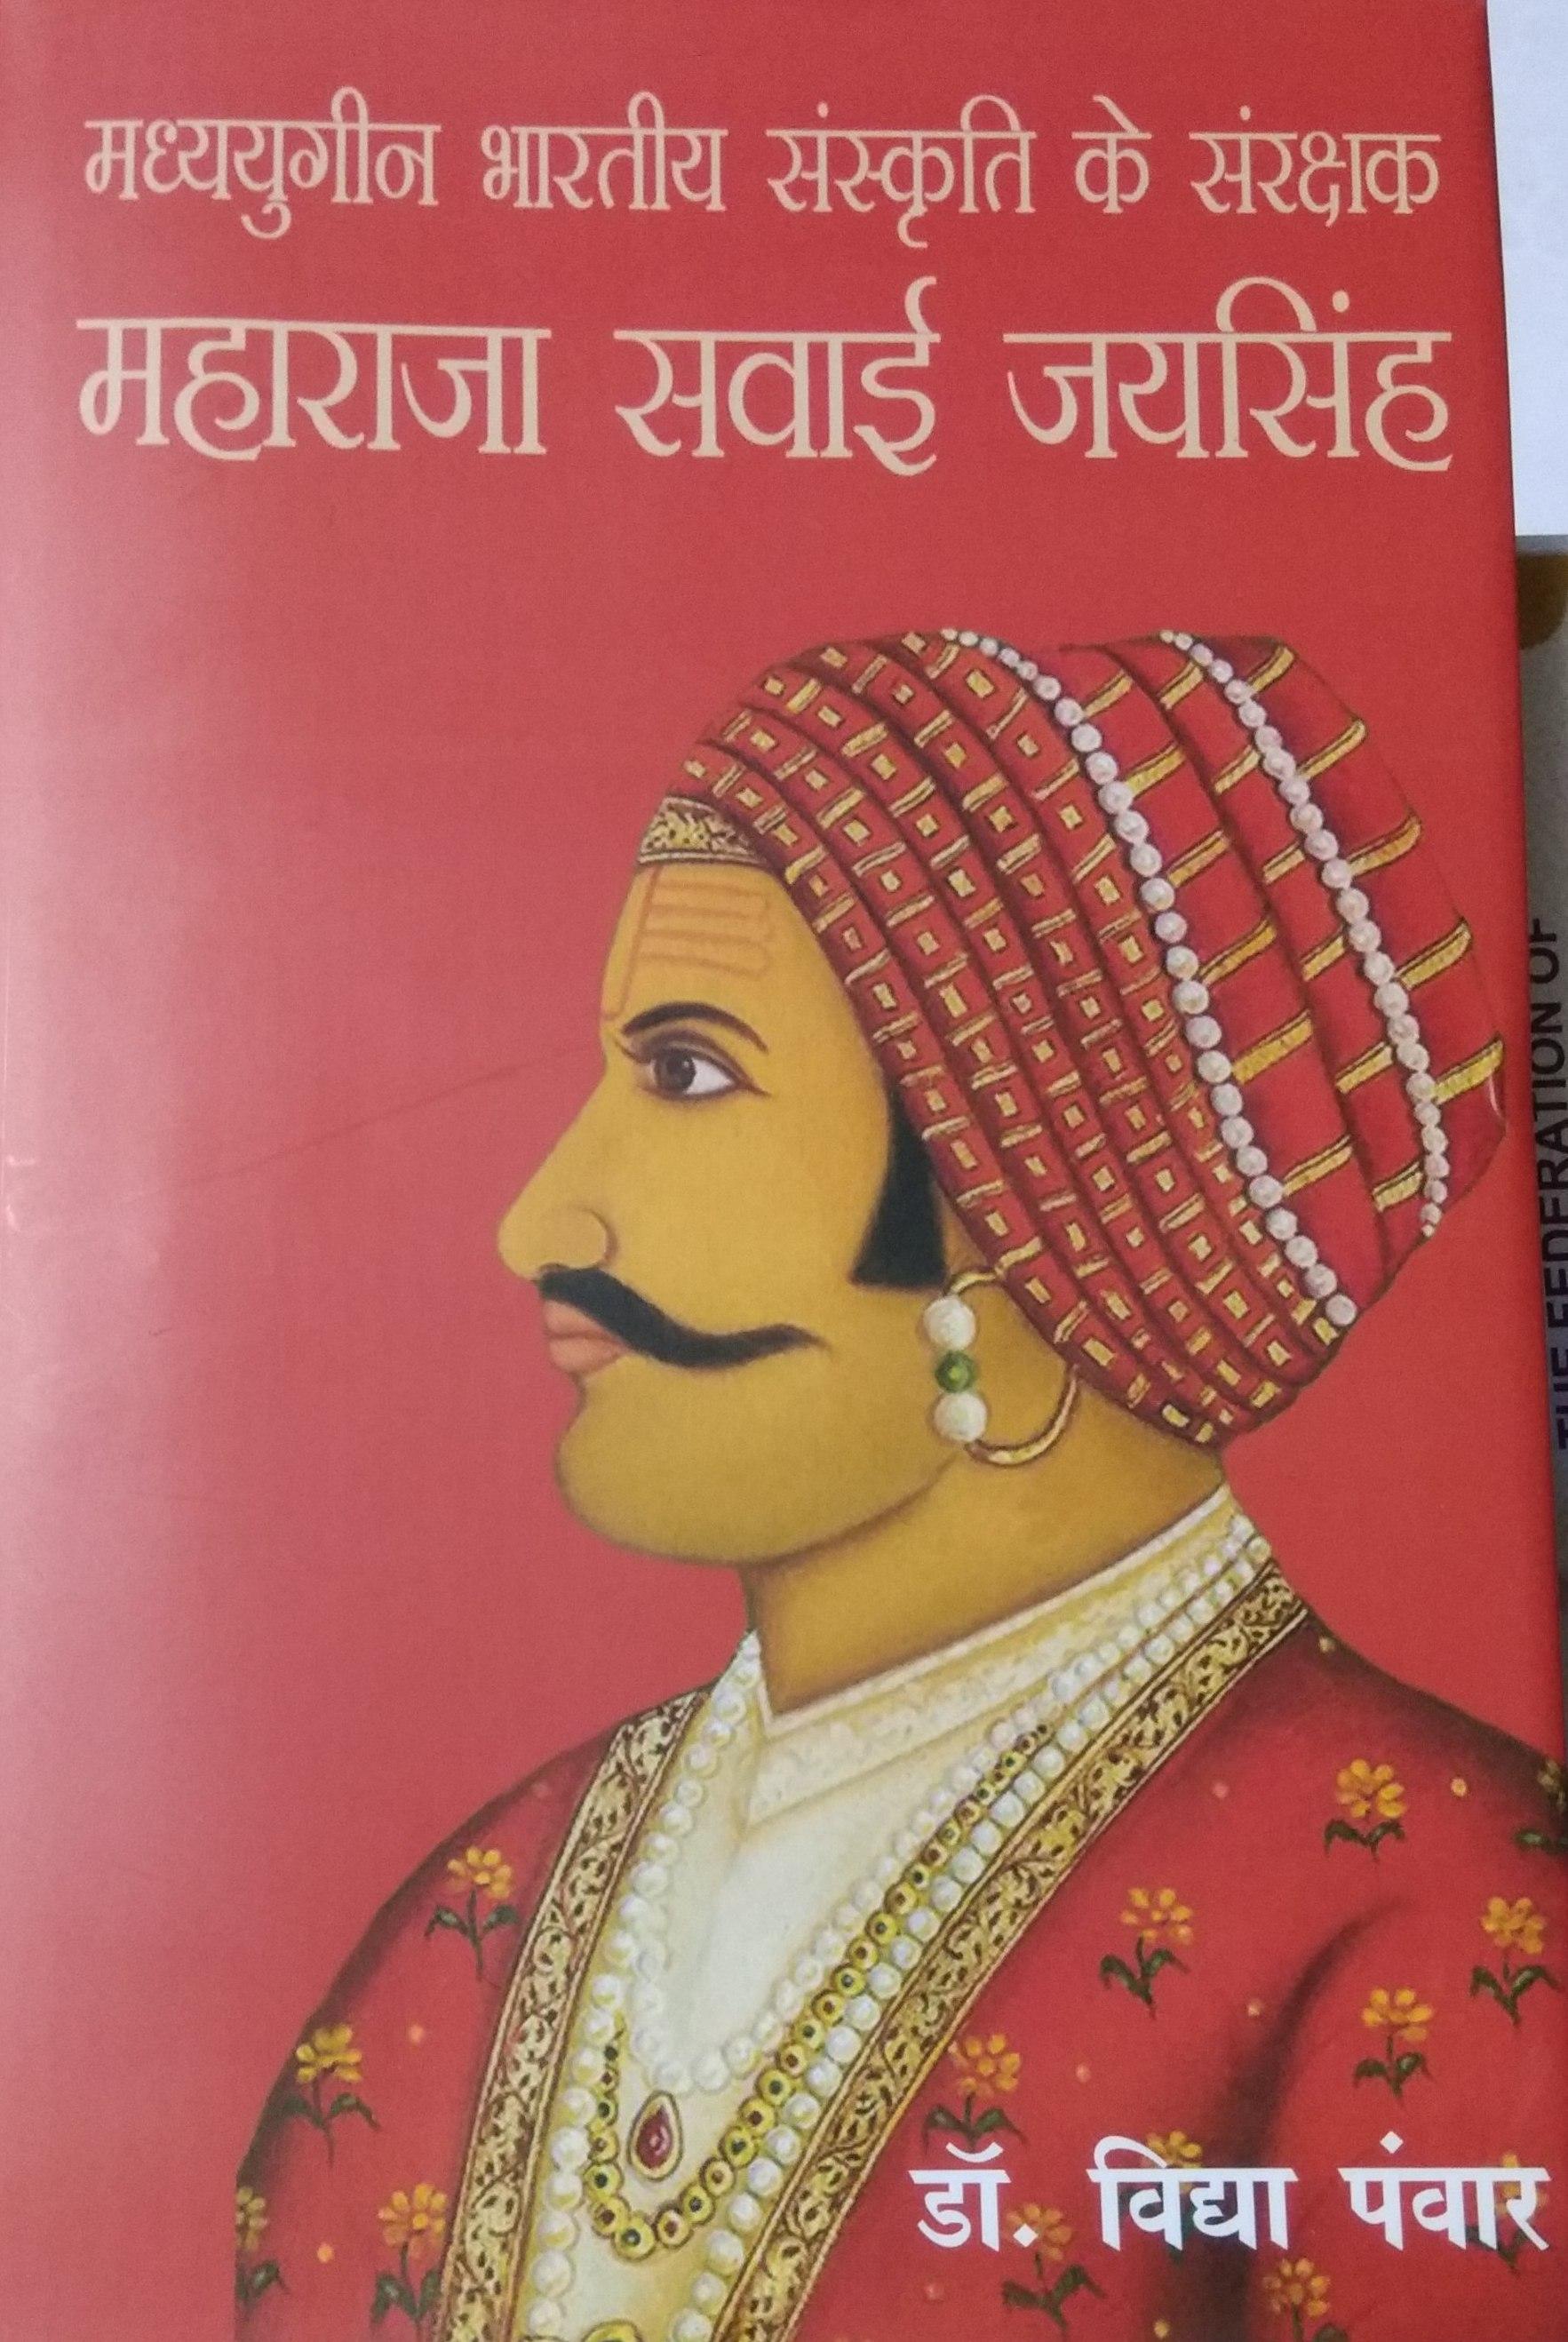 Madhyayugeen Bharatiya Sanskriti ke Sarakshak Maha…